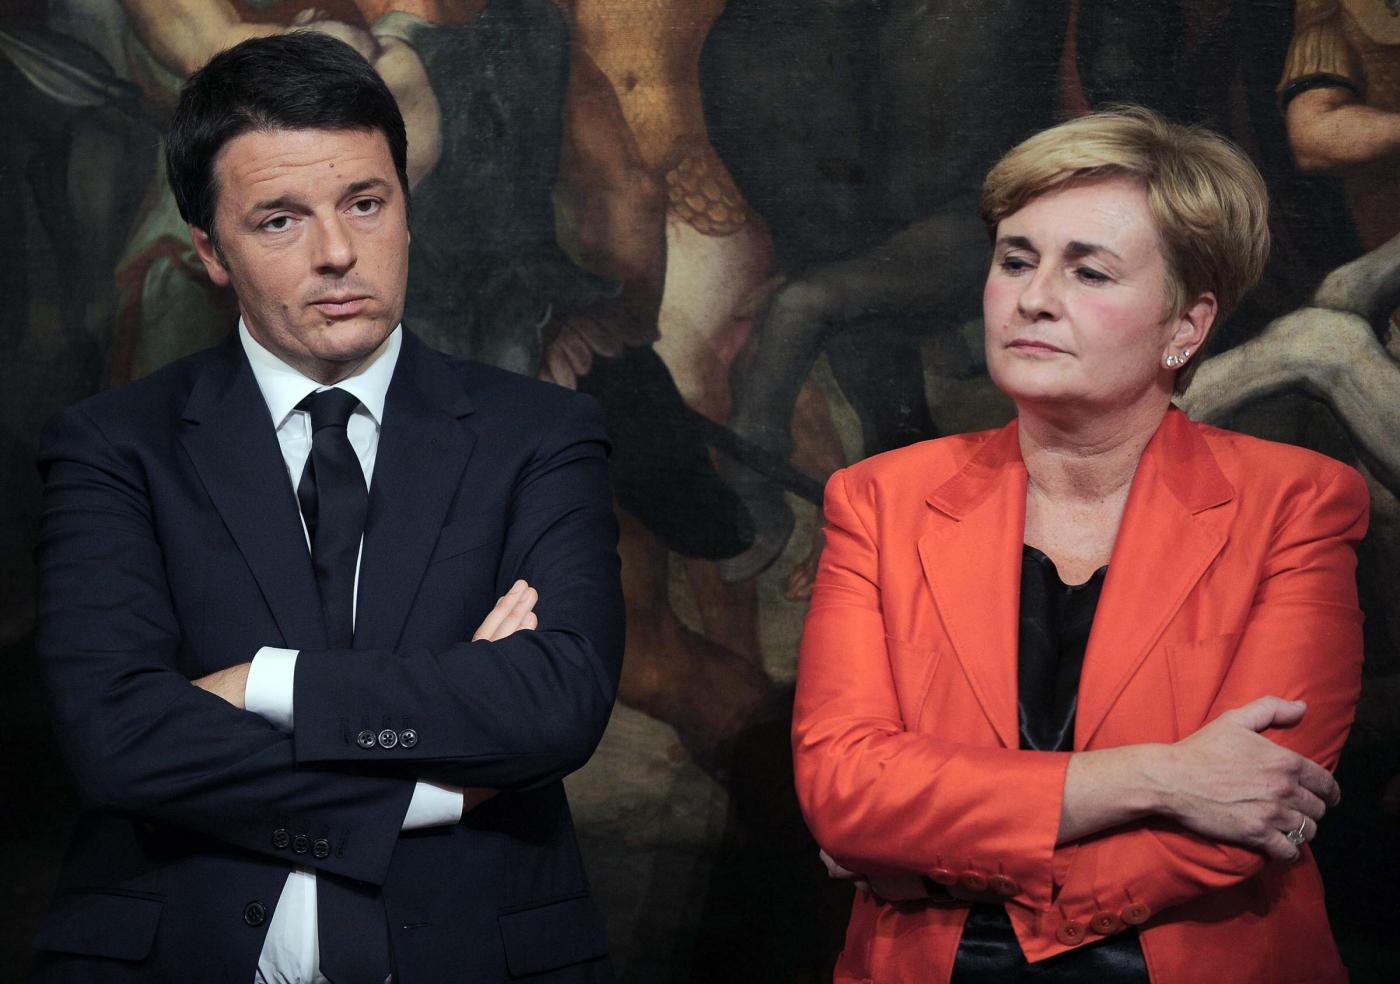 Guidi e Tempa Rossa: i protagonisti del caso che ha messo in imbarazzo il governo Renzi